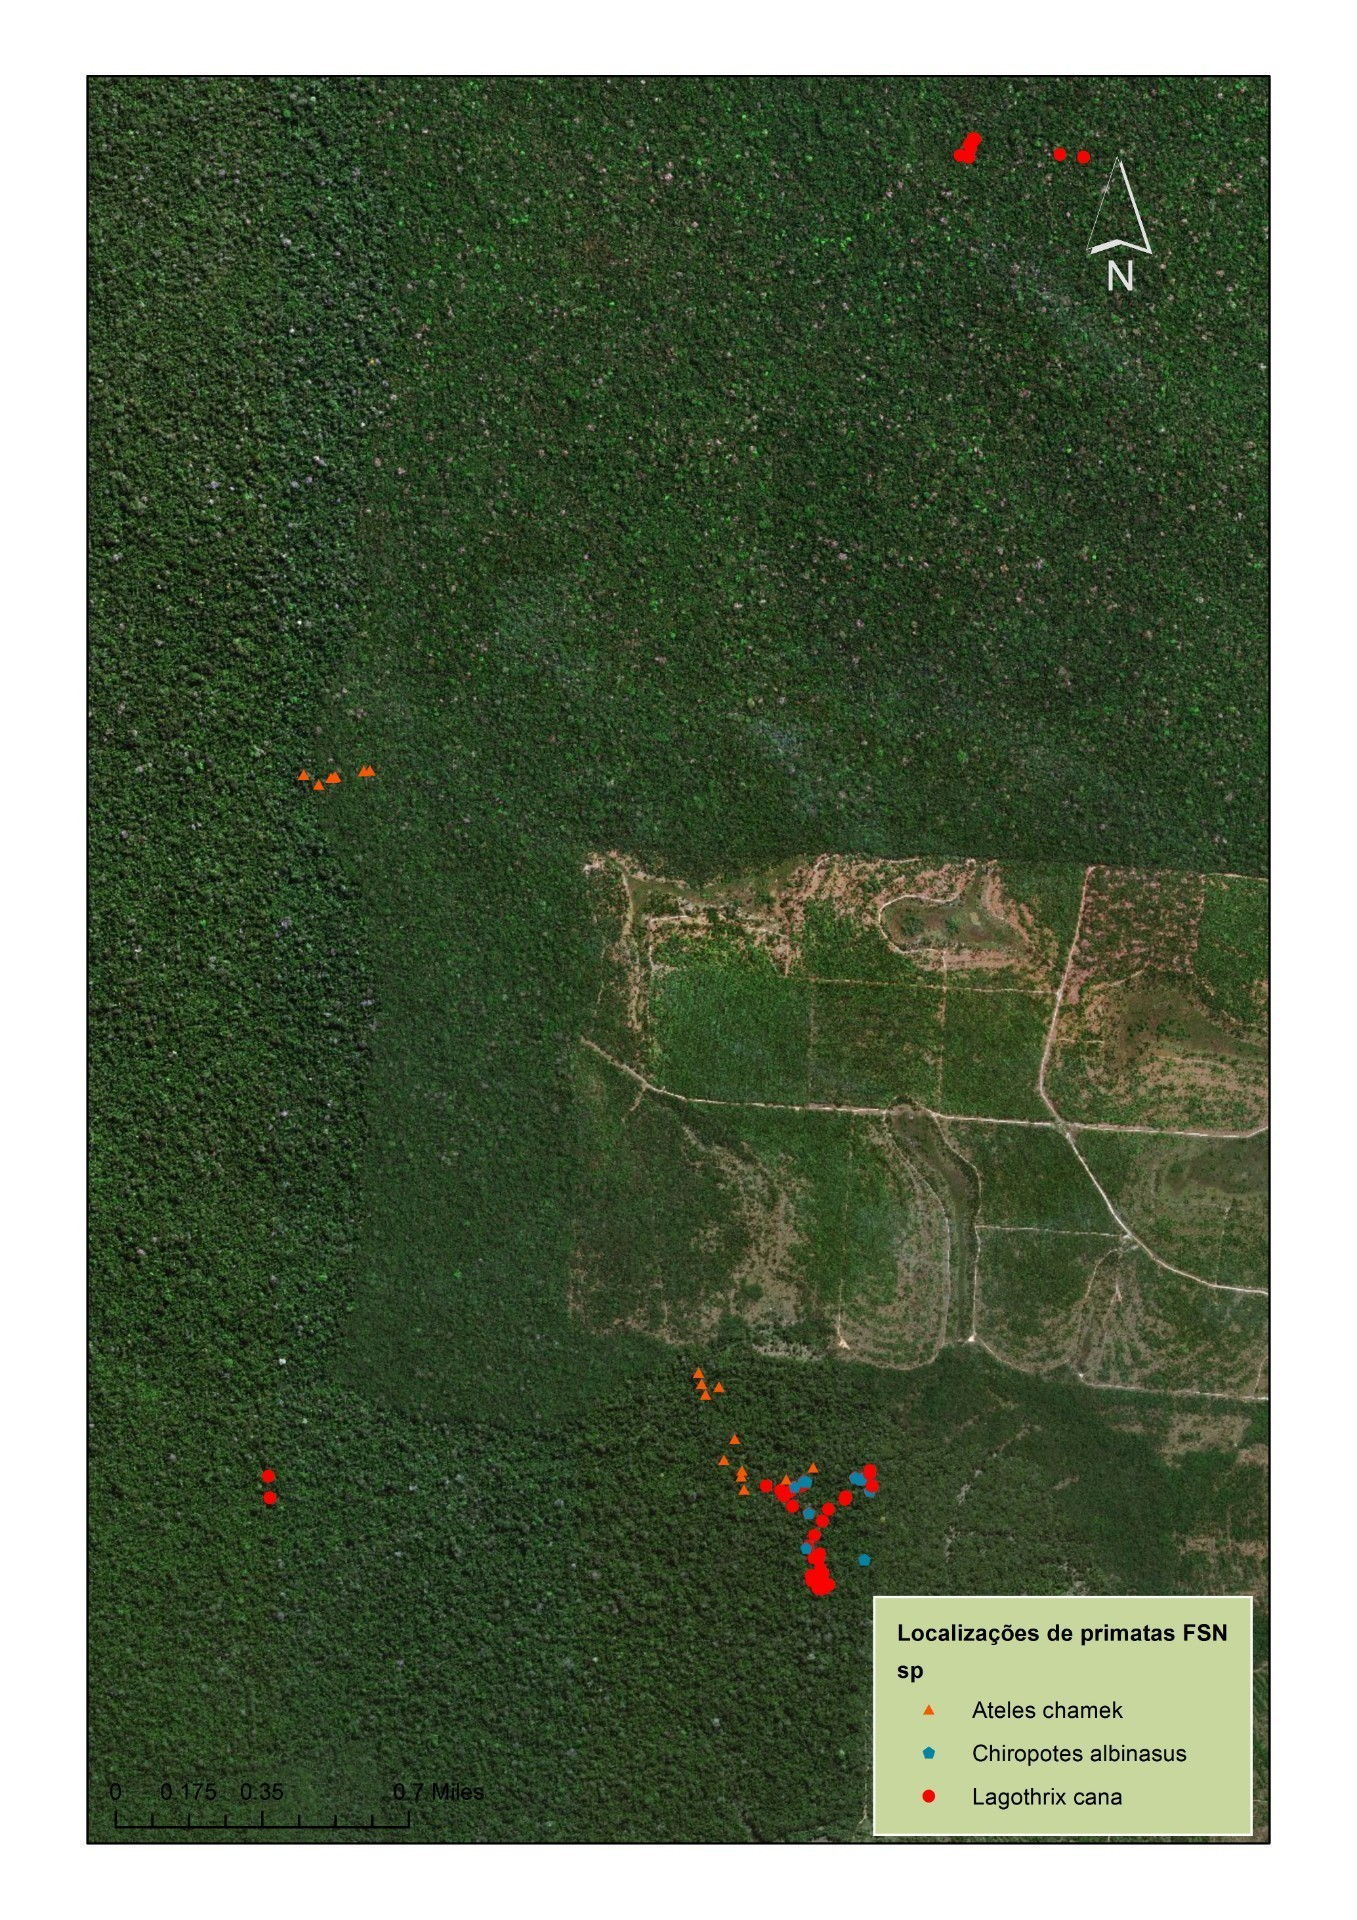 Mapa da localização dos macacos (Imagem: Raíssa Alves)